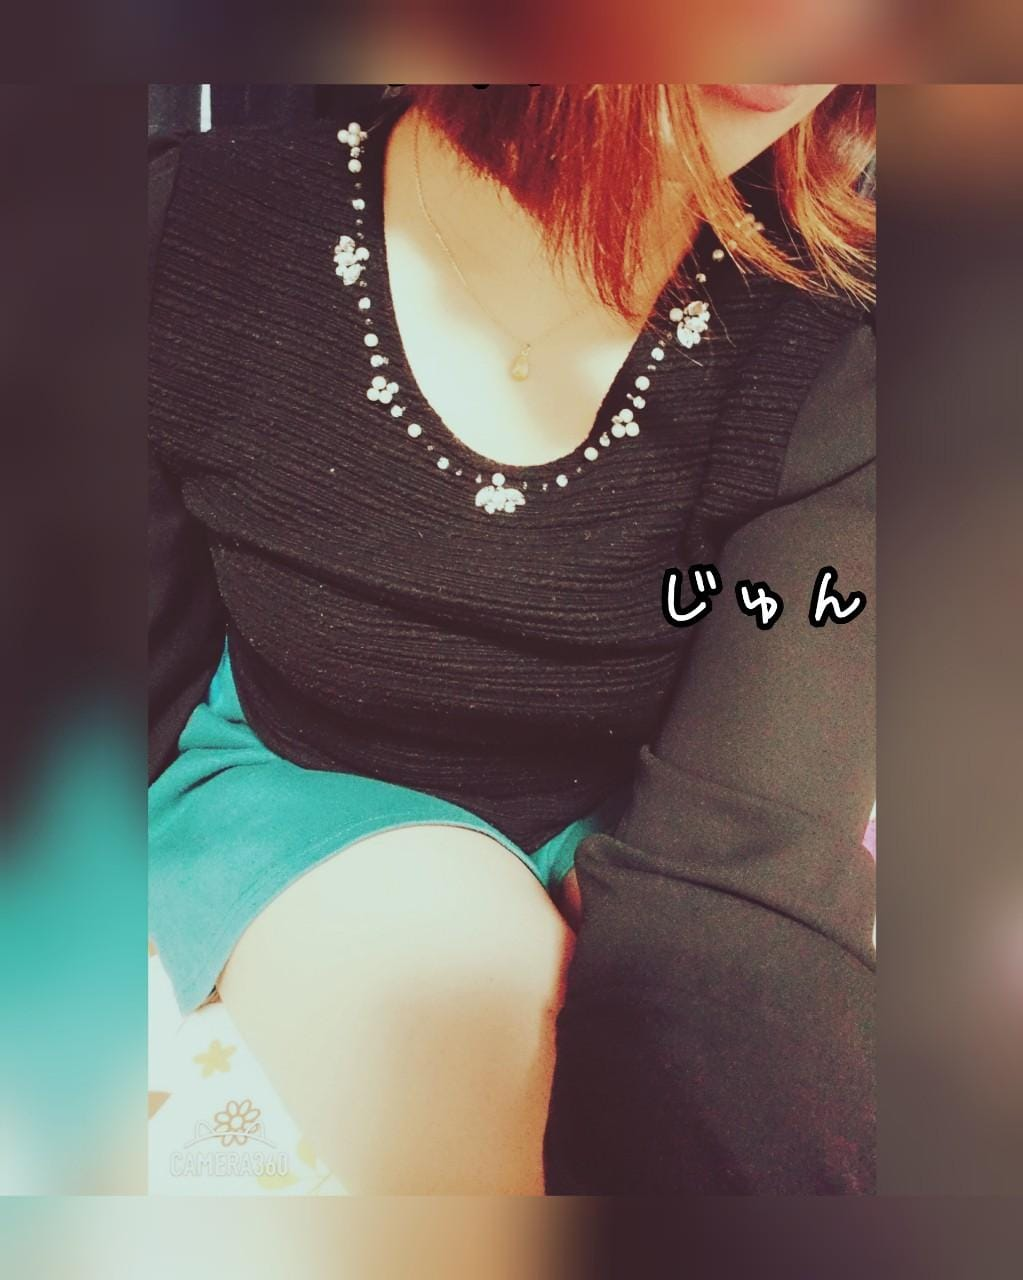 「しゅっききーん☆」07/19(07/19) 14:13 | じゅん@キス濡れ膣内絶叫即イキの写メ・風俗動画